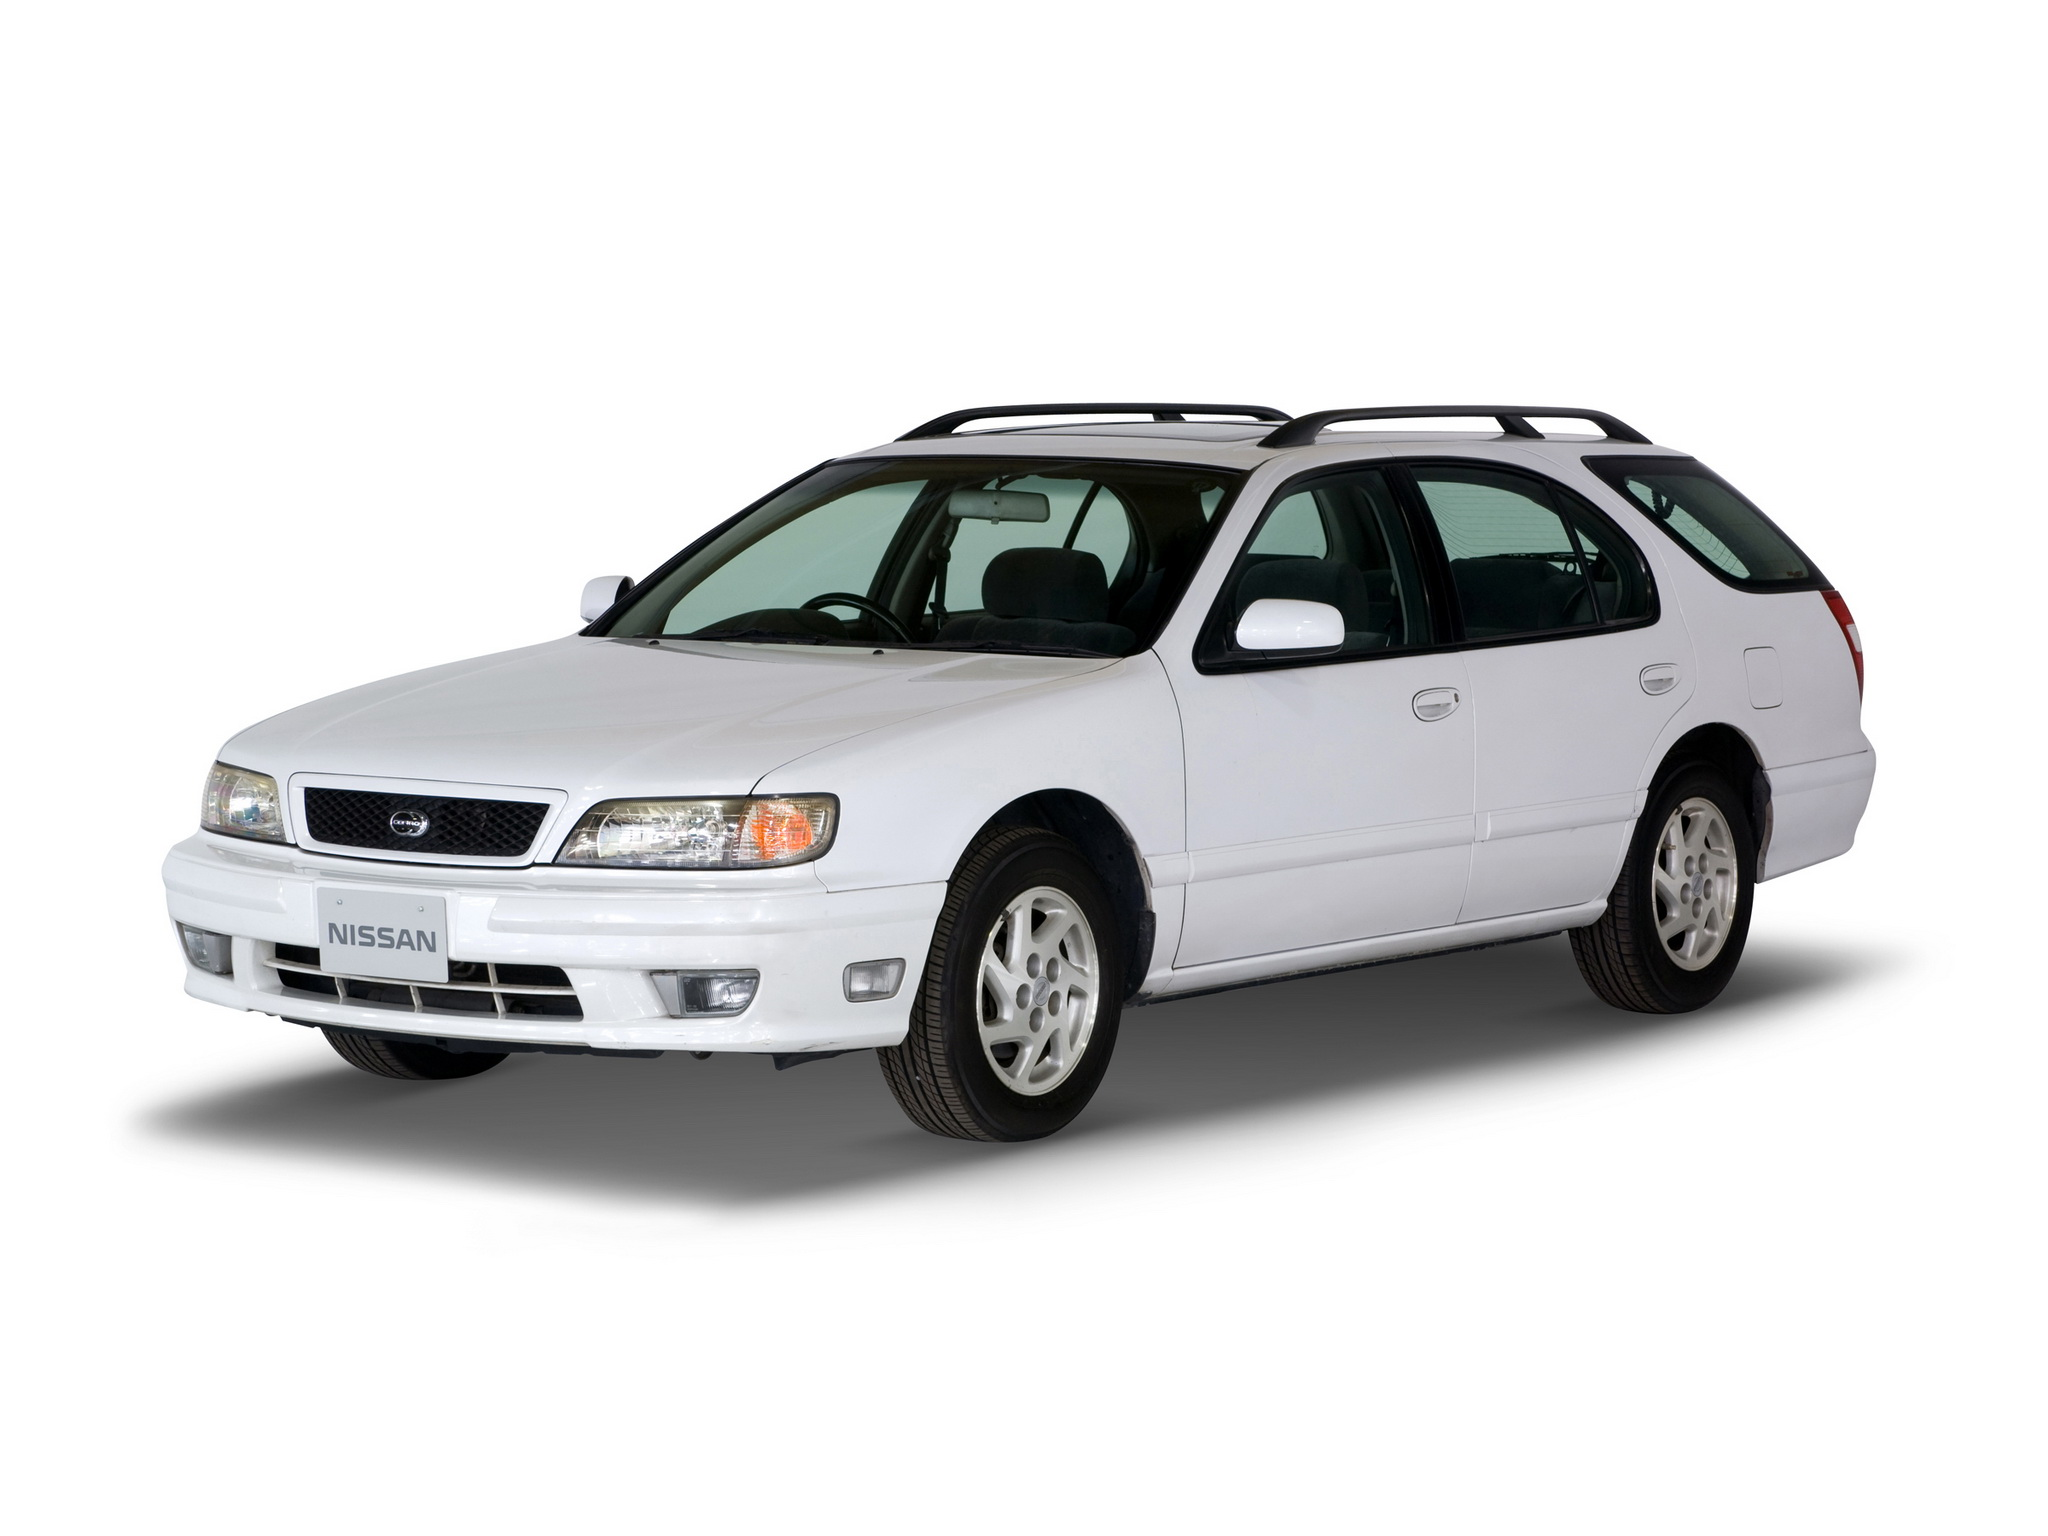 Nissan Cefiro Car Technical Data Car Specifications